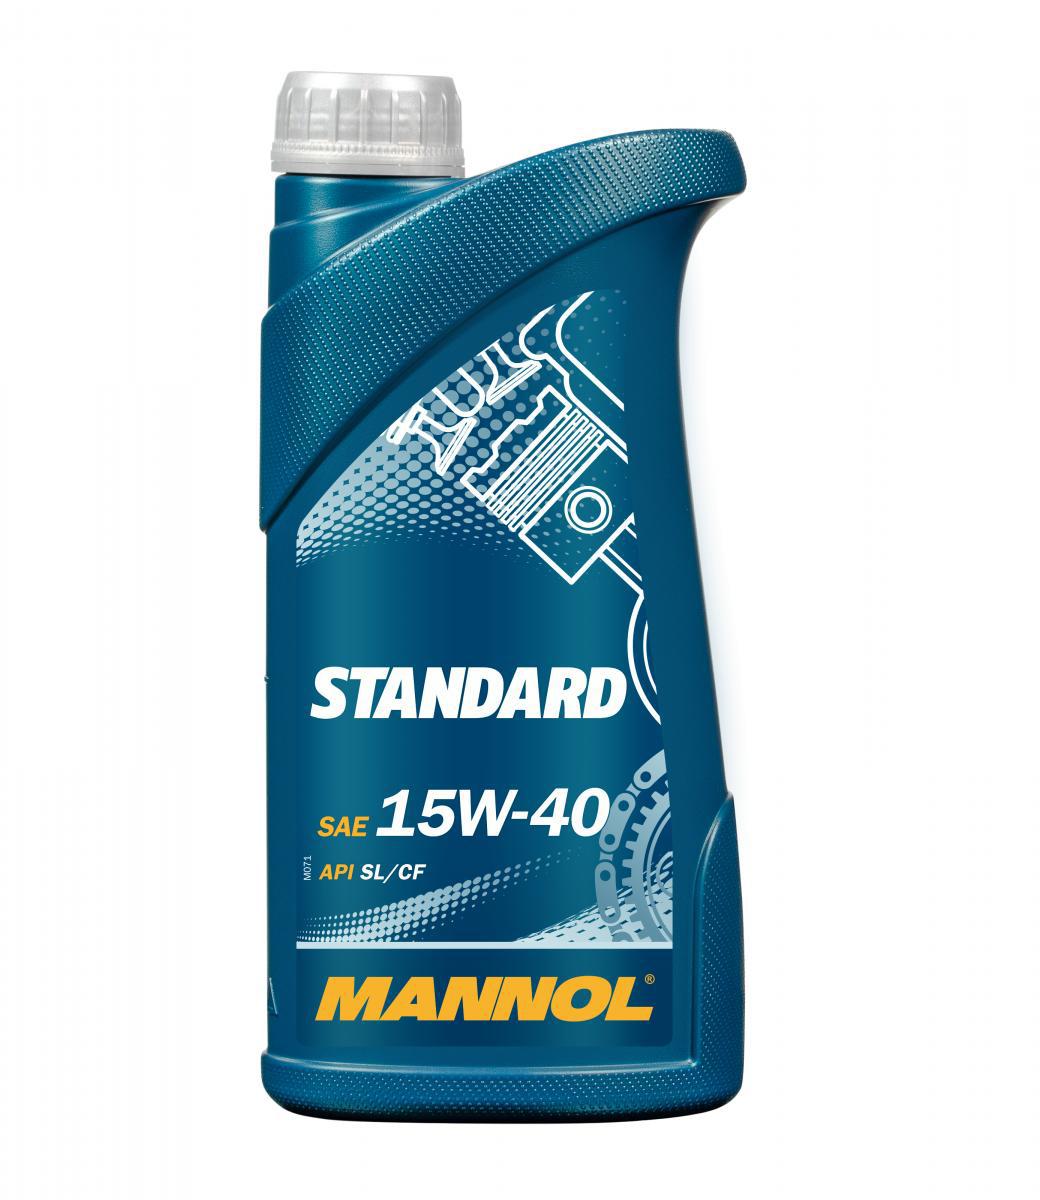 Standard 15W-40